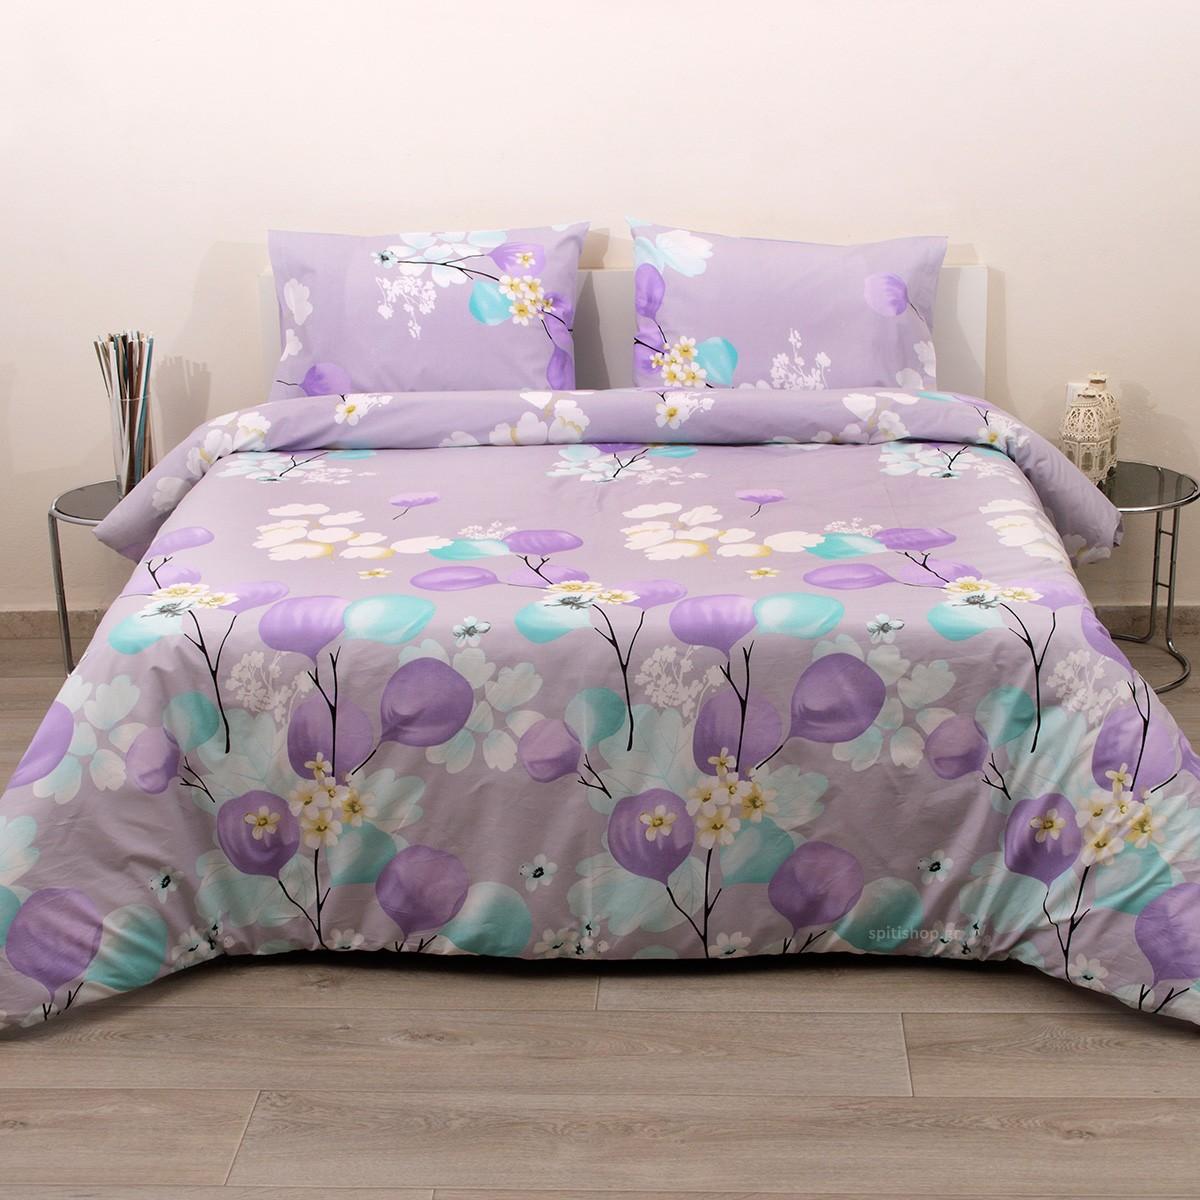 Κουβερλί Ημίδιπλο (Σετ) Viopros Fresh Νοέμι home   κρεβατοκάμαρα   κουβερλί   κουβερλί ημίδιπλα   διπλά